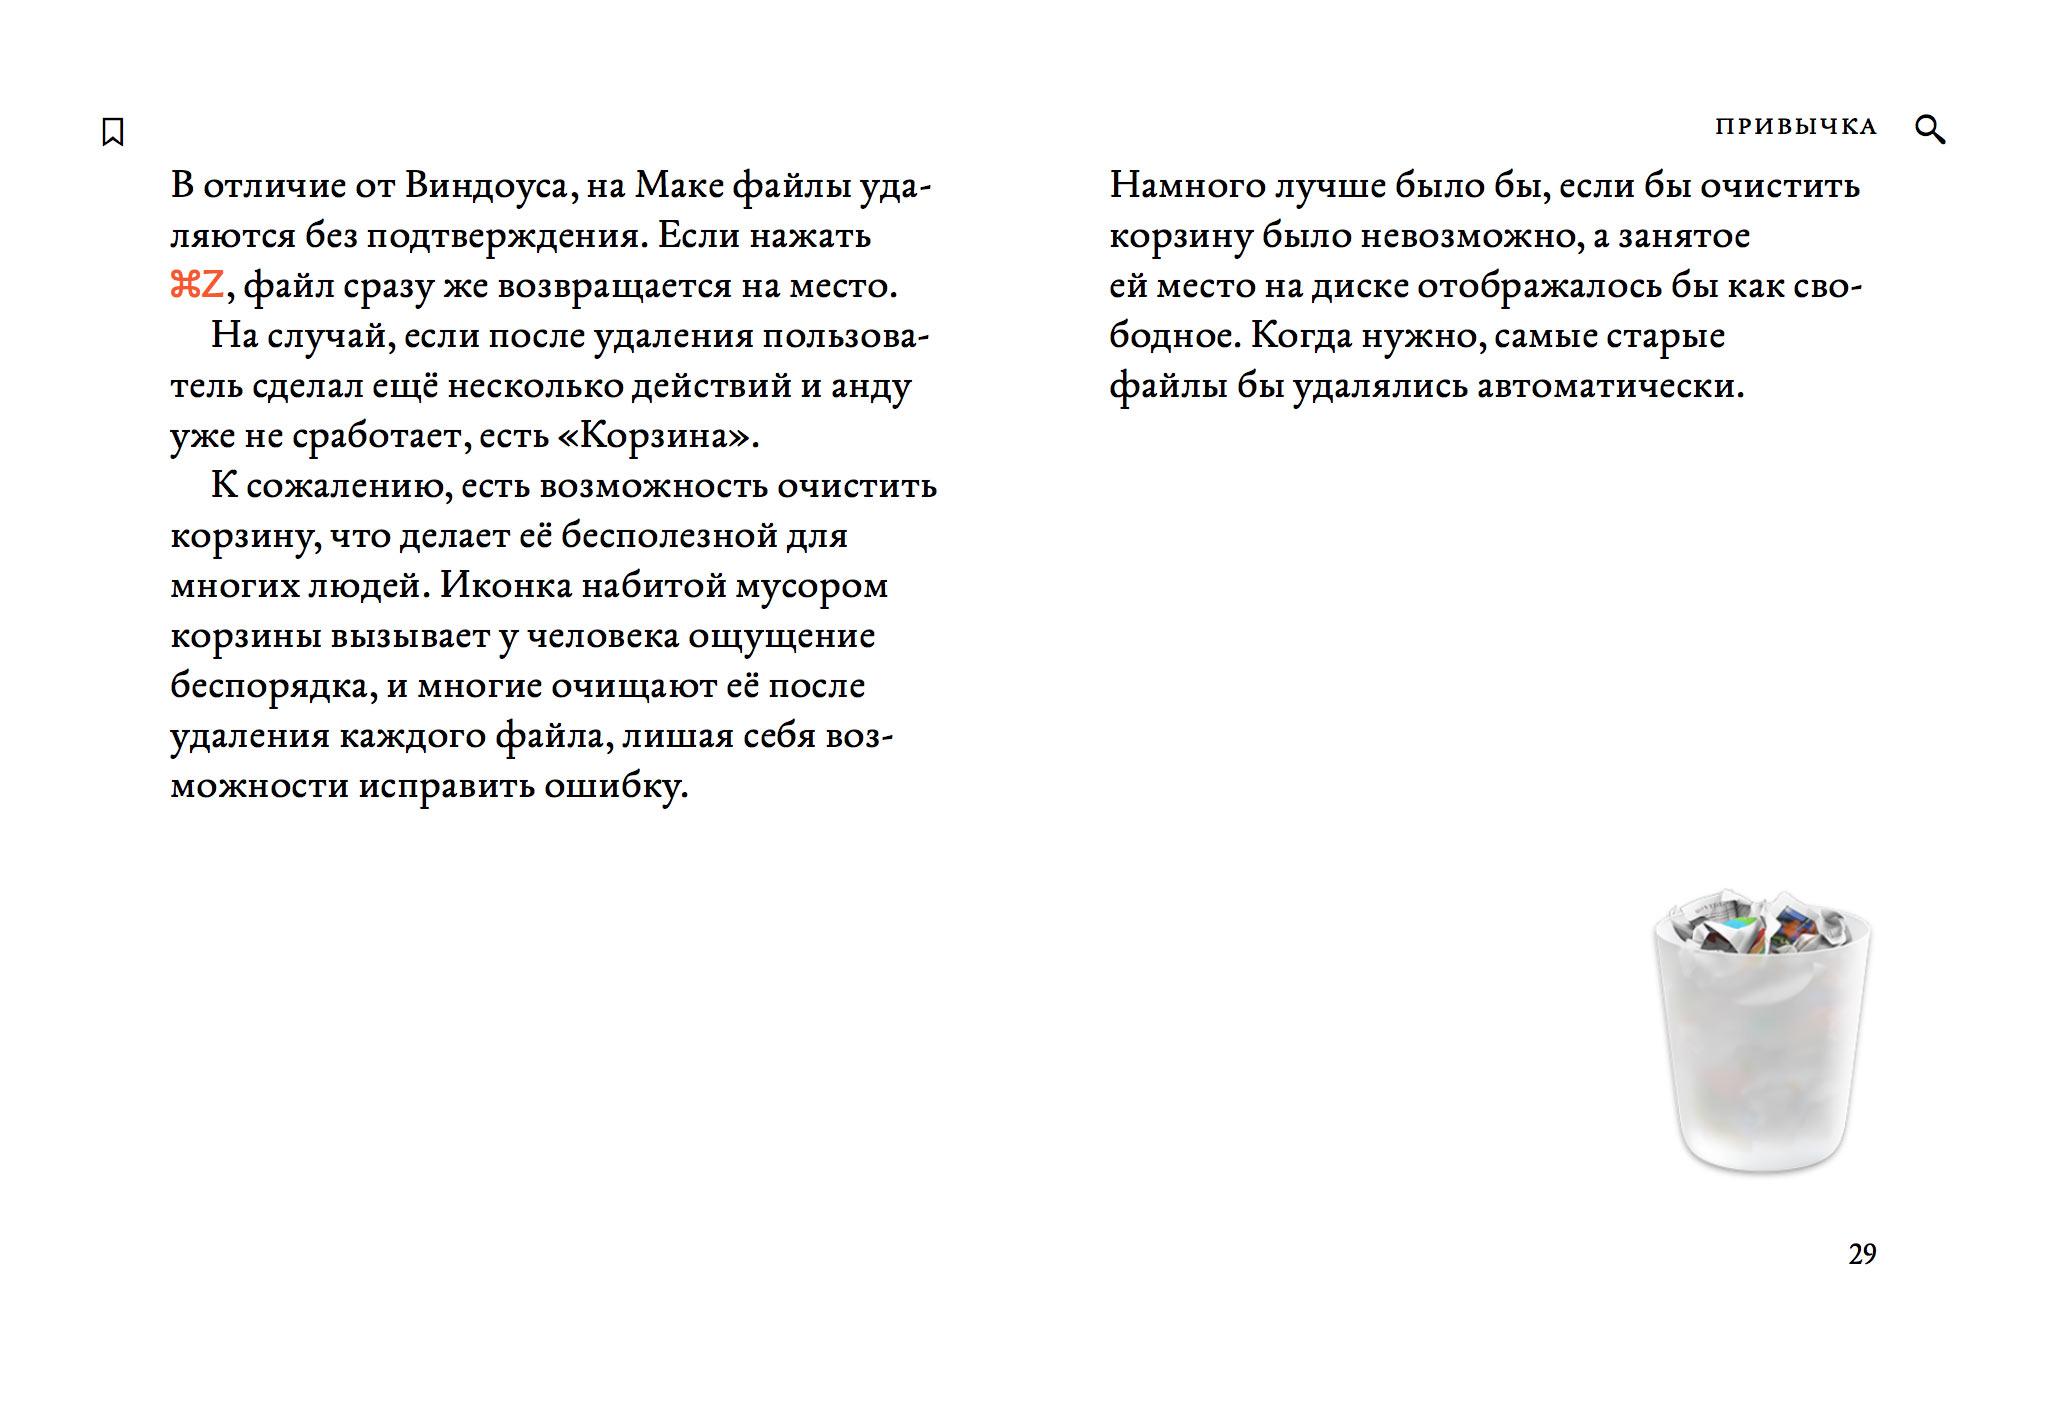 Книга «Пользовательский интерфейс»: первый раздел